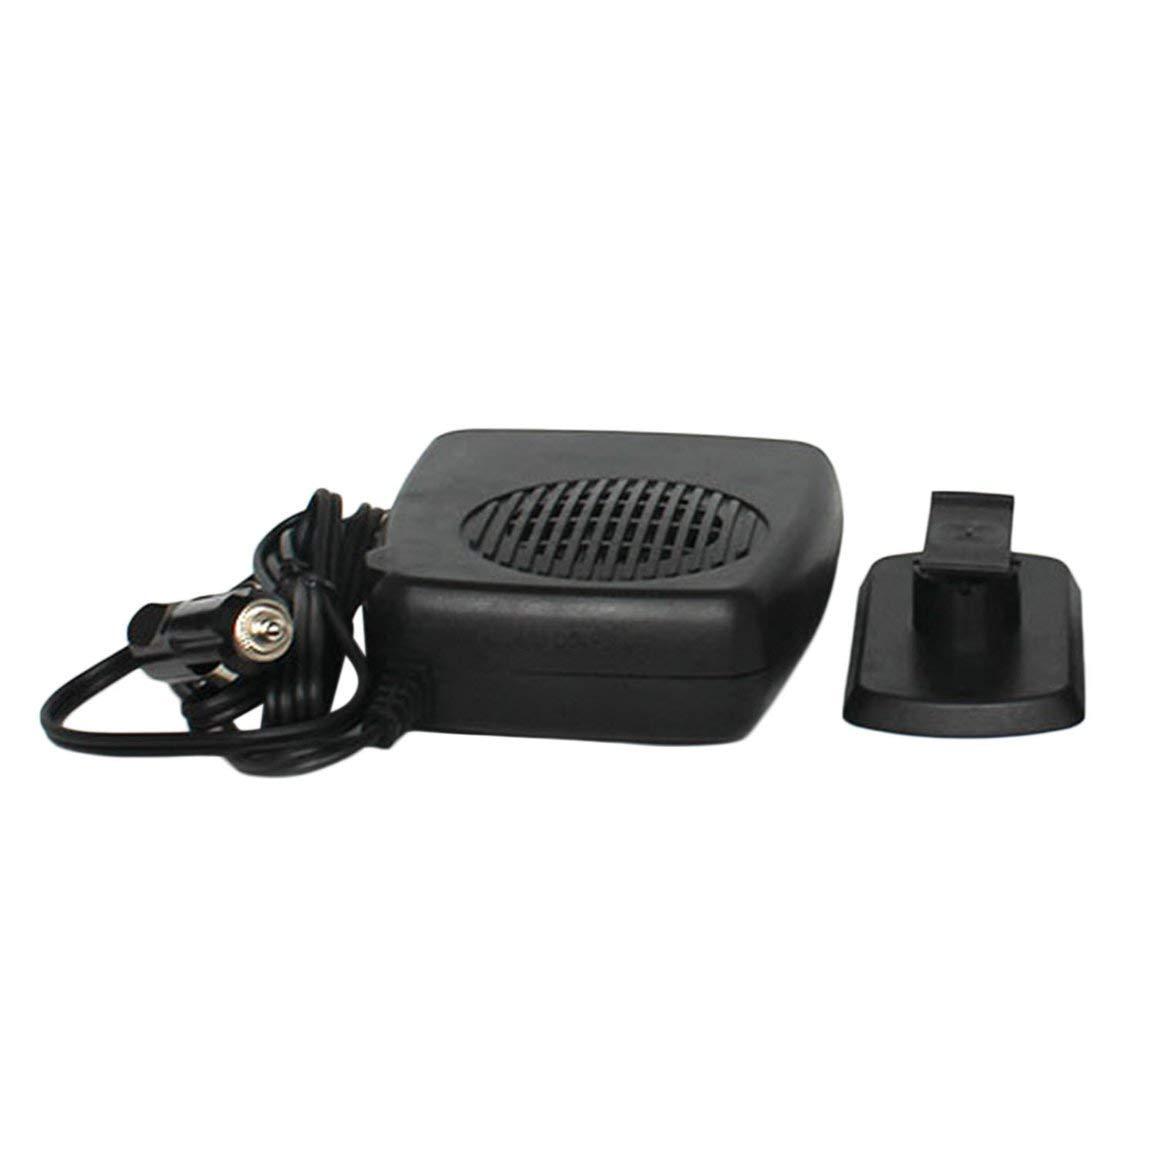 2-En-1 12V 150W Auto Calentador Del Coche Del Ventilador De Calefacci/ón Port/átil Con Asa Abatible Hacia Afuera